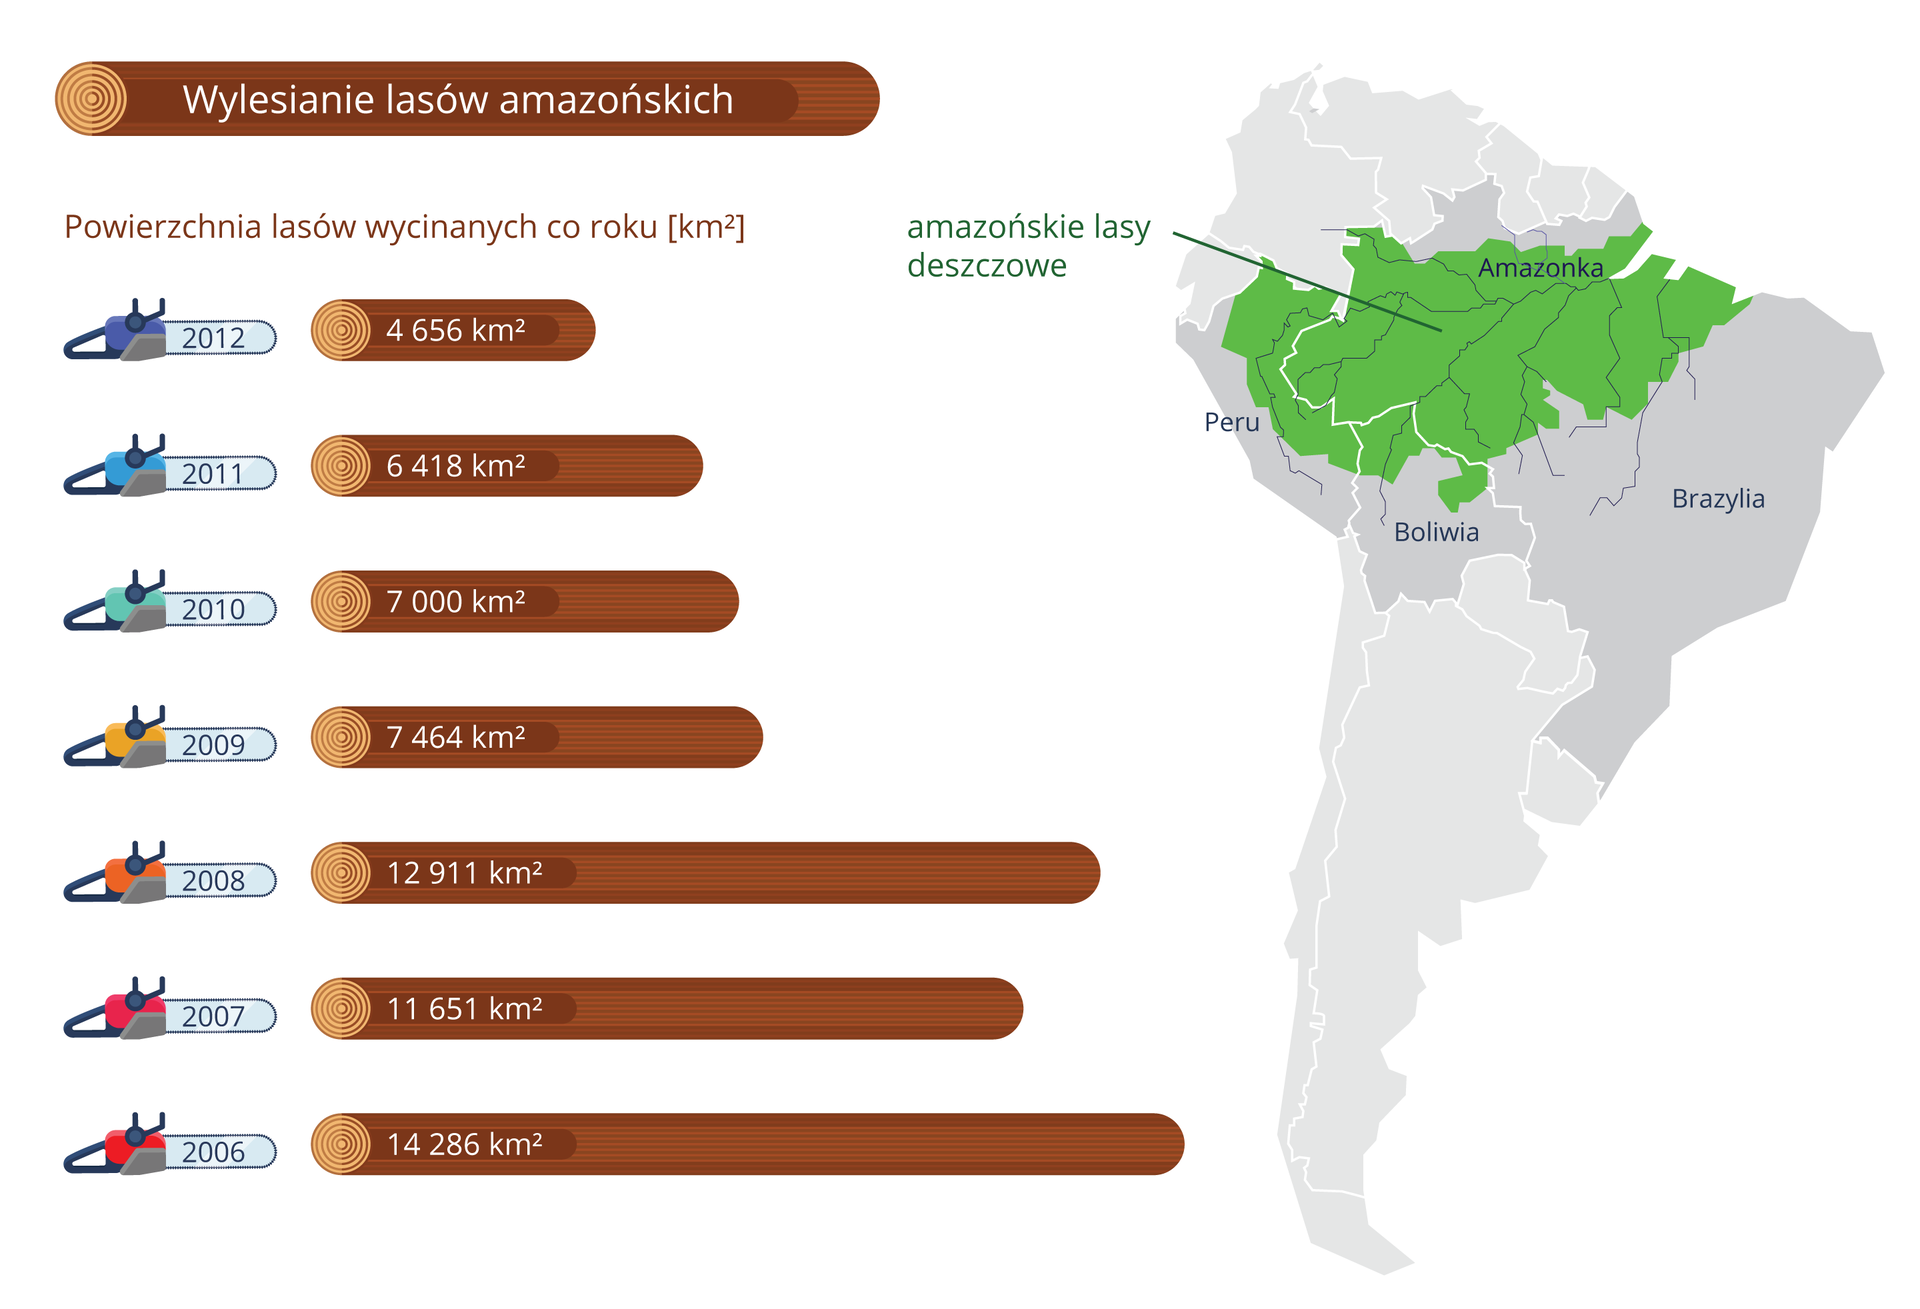 Ilustracja przedstawia dane, dotyczące wyrębu lasów wAmazonii wpostaci brązowych kloców drewna. Obok każdego zlewej znajduje się rysunek piły. Długość kloca obrazuje powierzchnię wycinanych lasów wkilometrach kwadratowych. Zprawej rysunek kontynentu Ameryki południowej zzieloną plamą, wskazująca miejsce wyrębu – amazońskie lasy deszczowe.